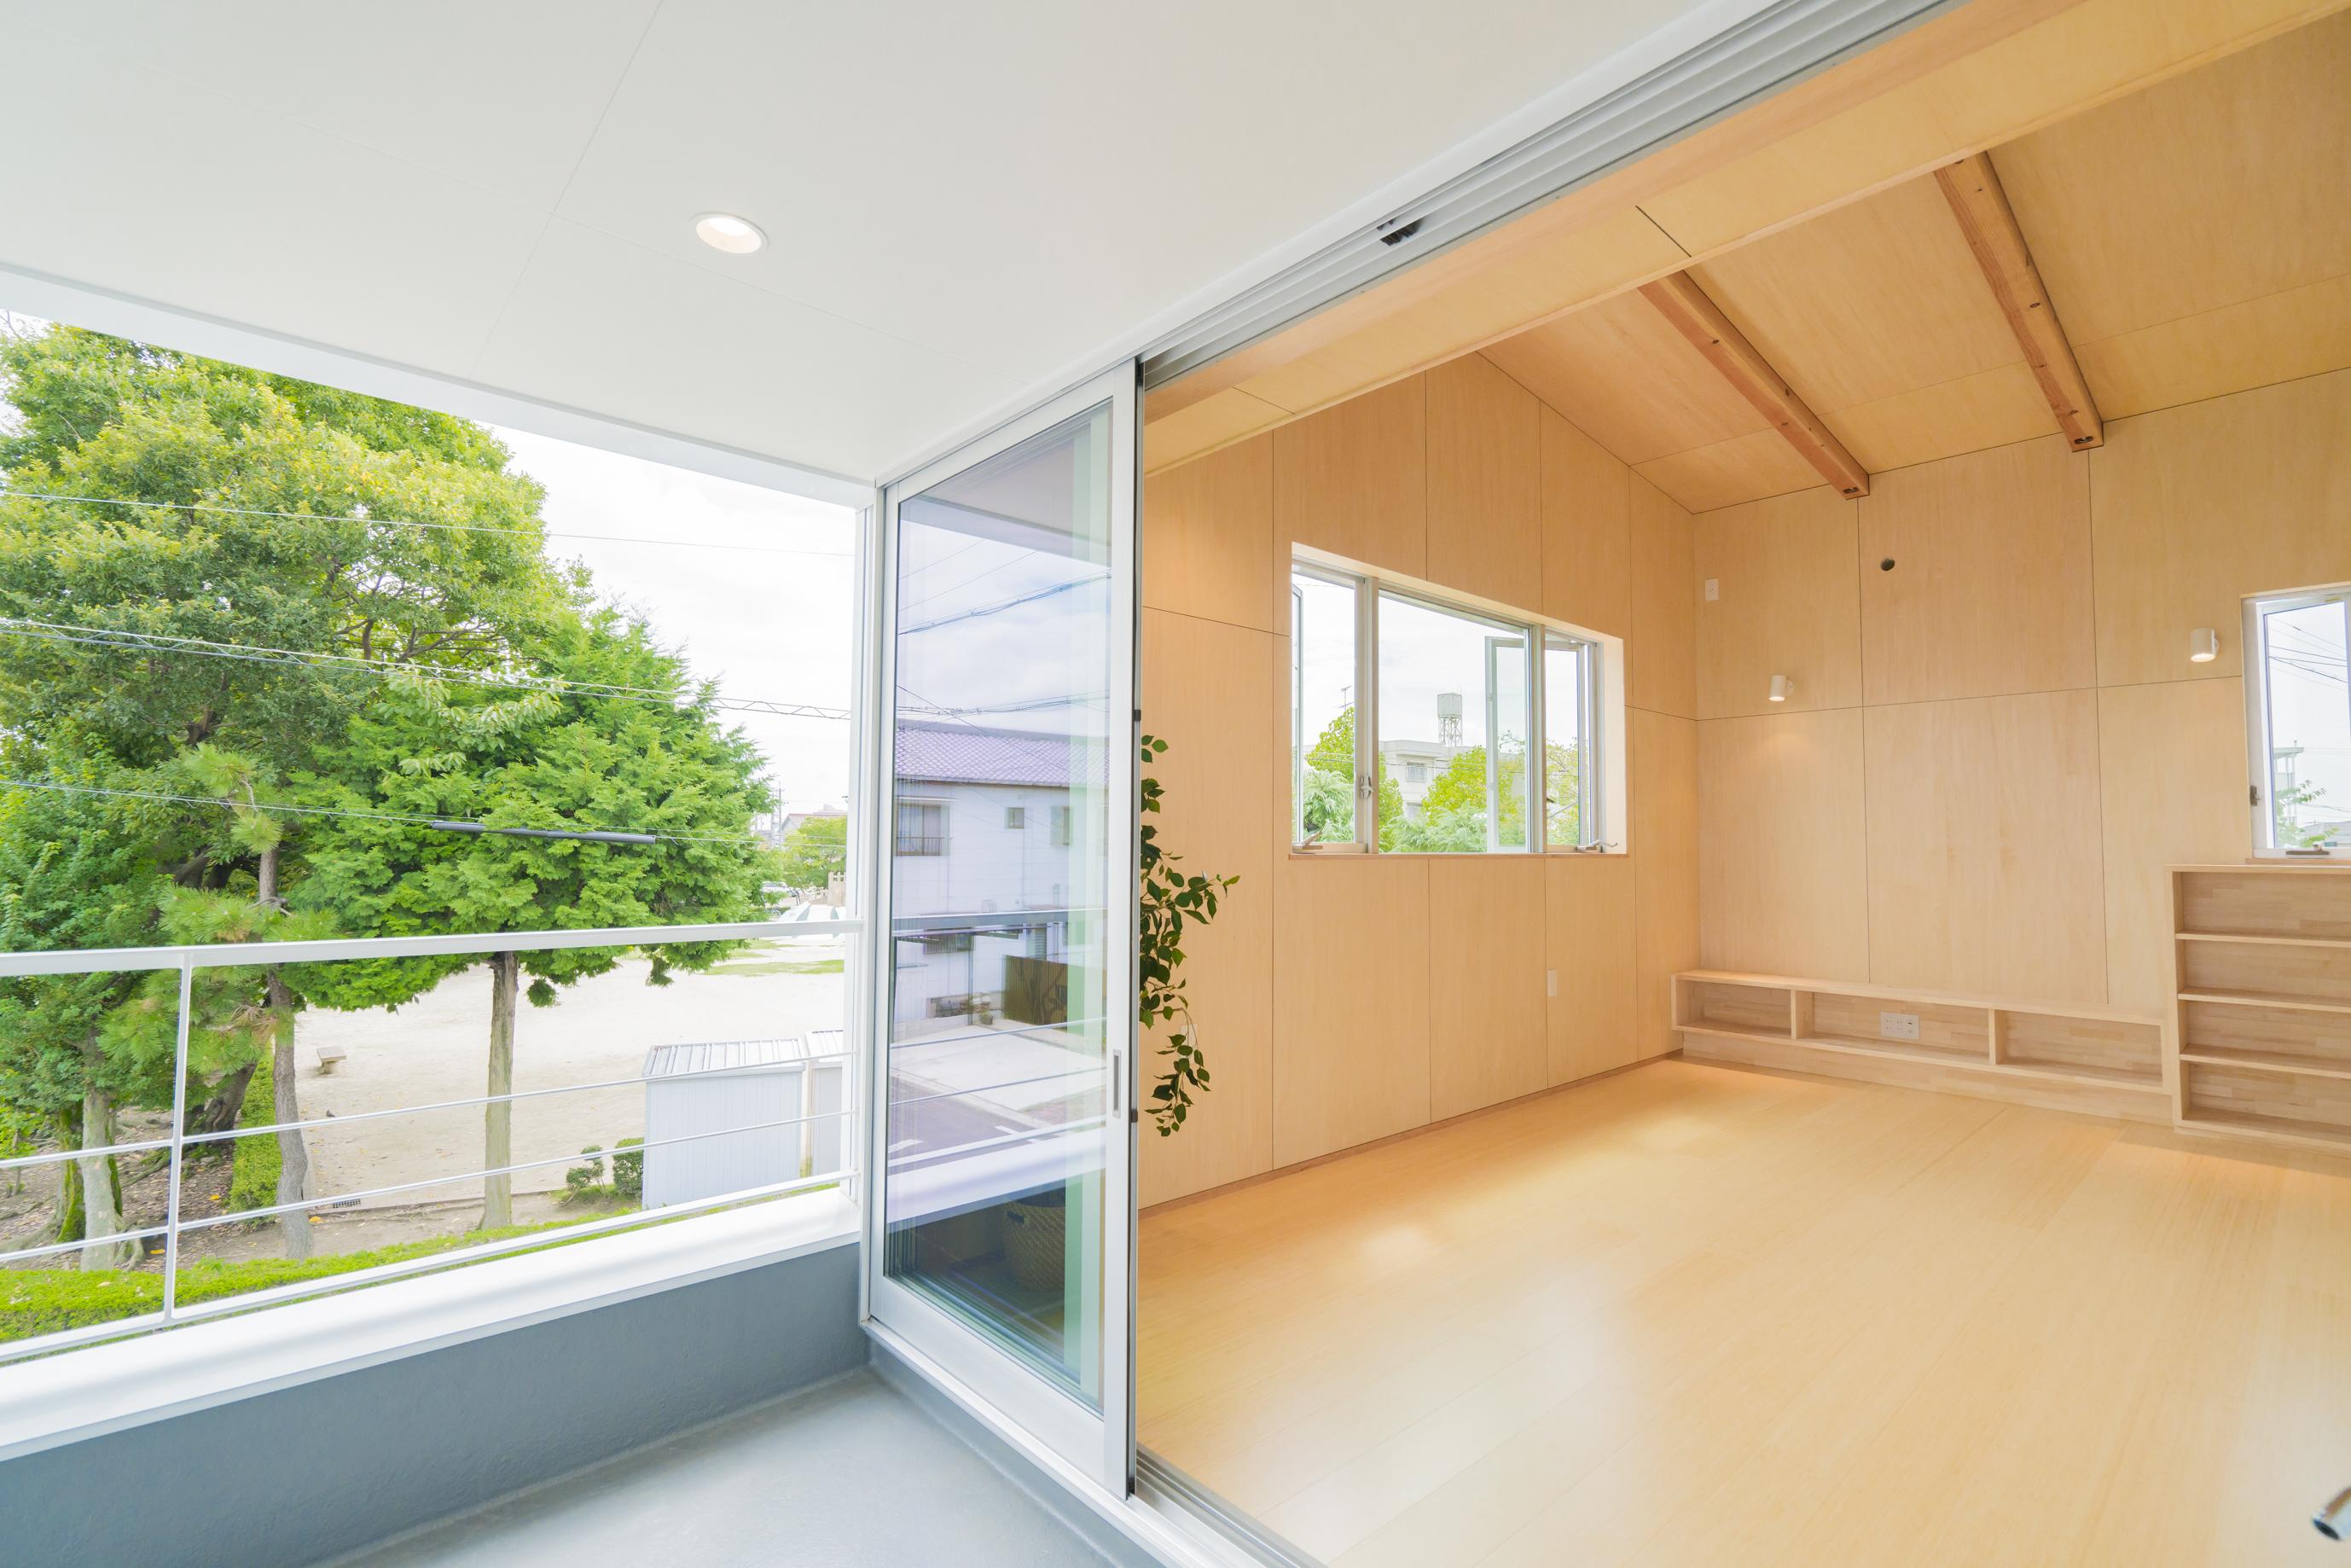 m+h(エムアンドエイチ)建築設計スタジオ【二世帯住宅、間取り、建築家】ベランダからは木々の新緑を感じられ、秋には紅葉を楽しめるように設計